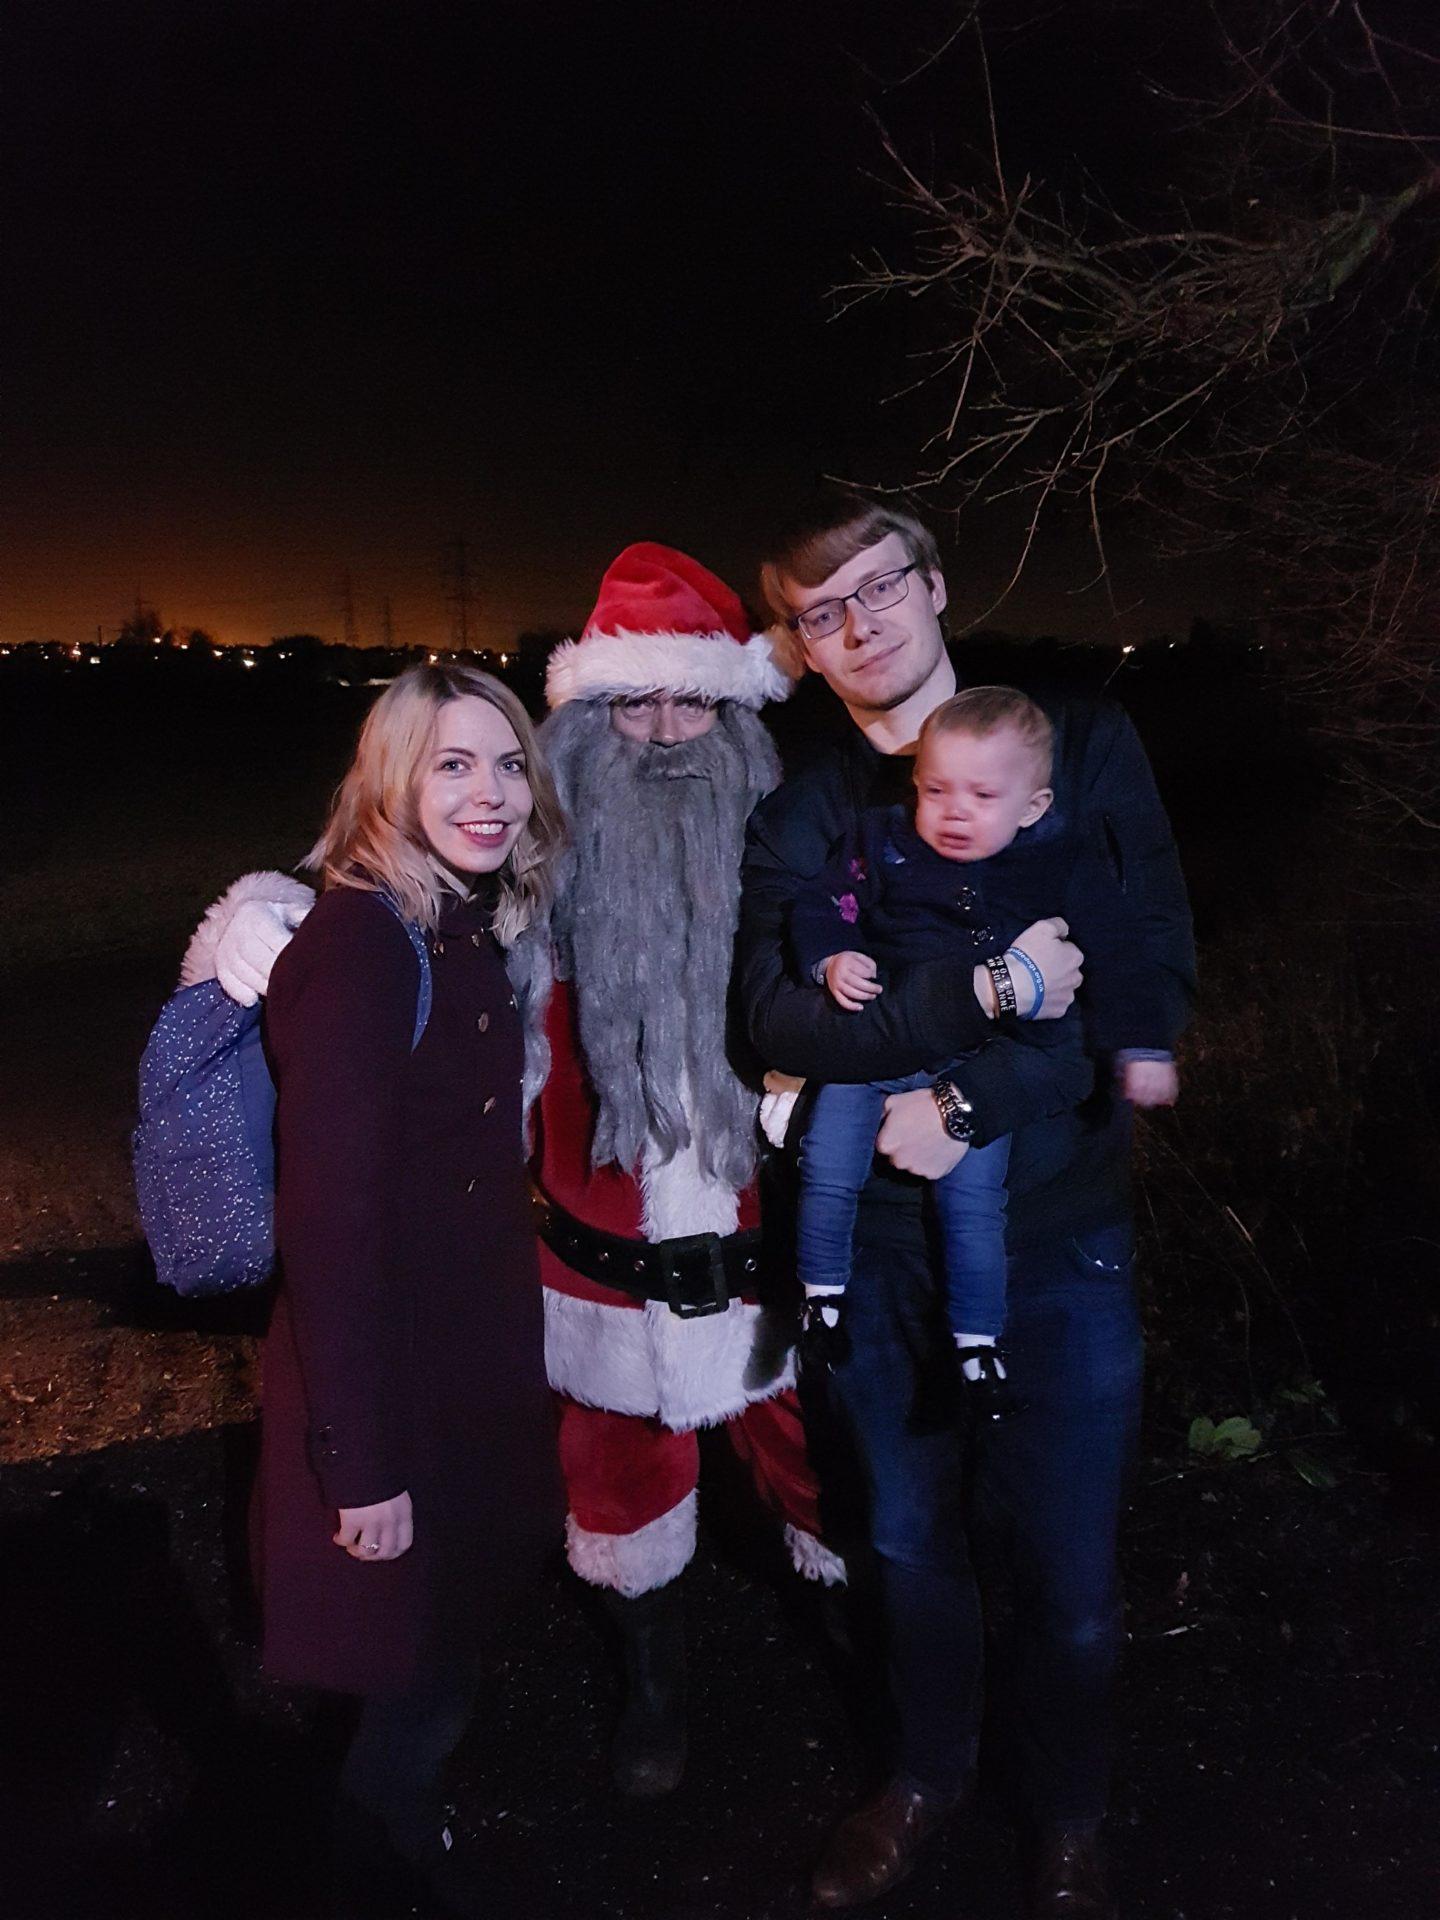 Farmer Christmas, Santa, broadditch farm